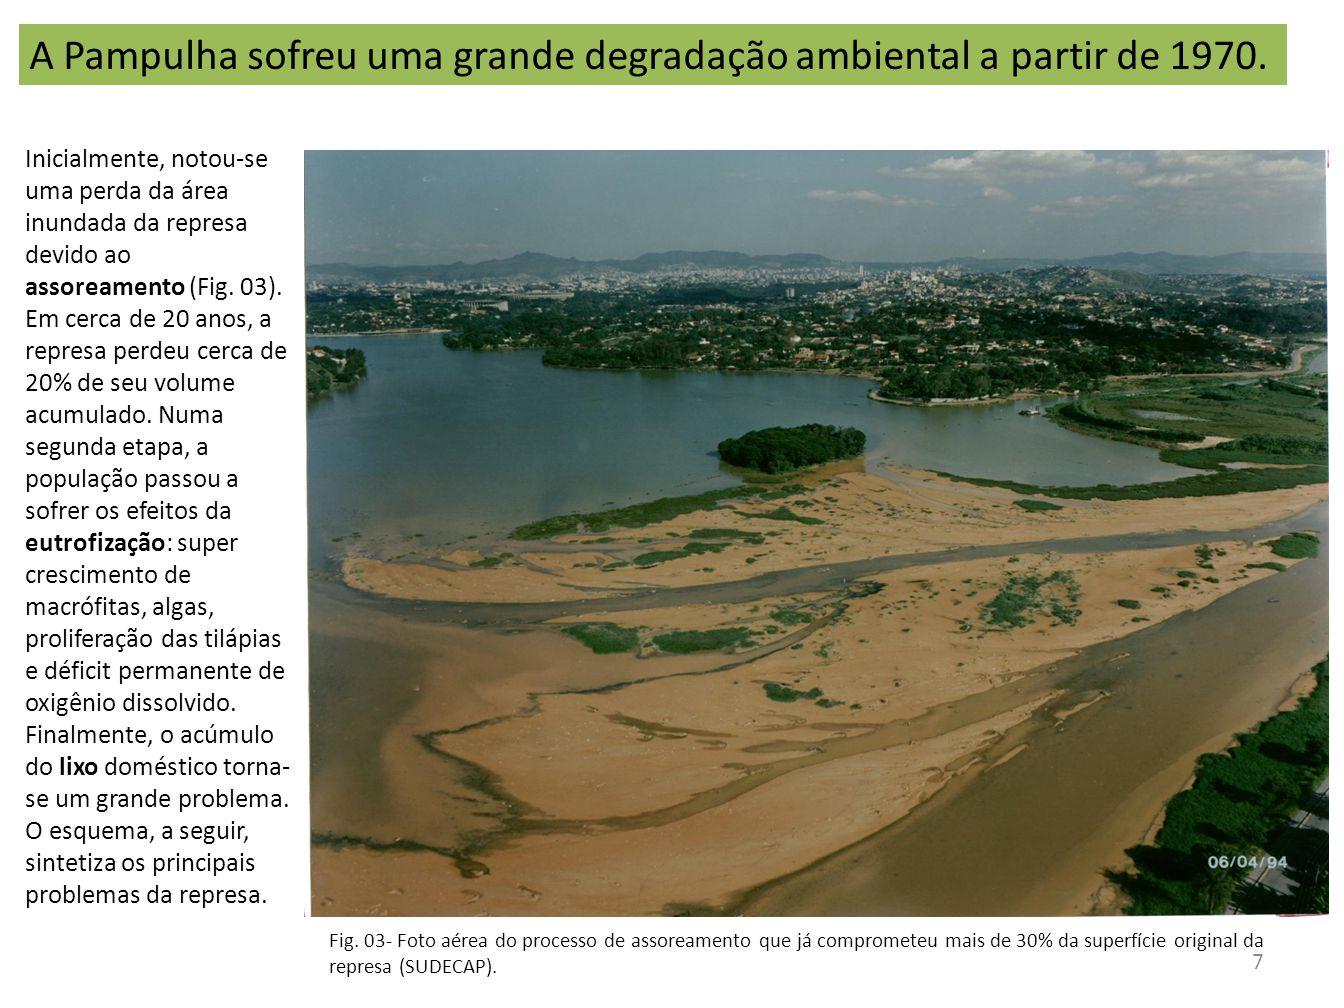 Inicialmente, notou-se uma perda da área inundada da represa devido ao assoreamento (Fig. 03). Em cerca de 20 anos, a represa perdeu cerca de 20% de s